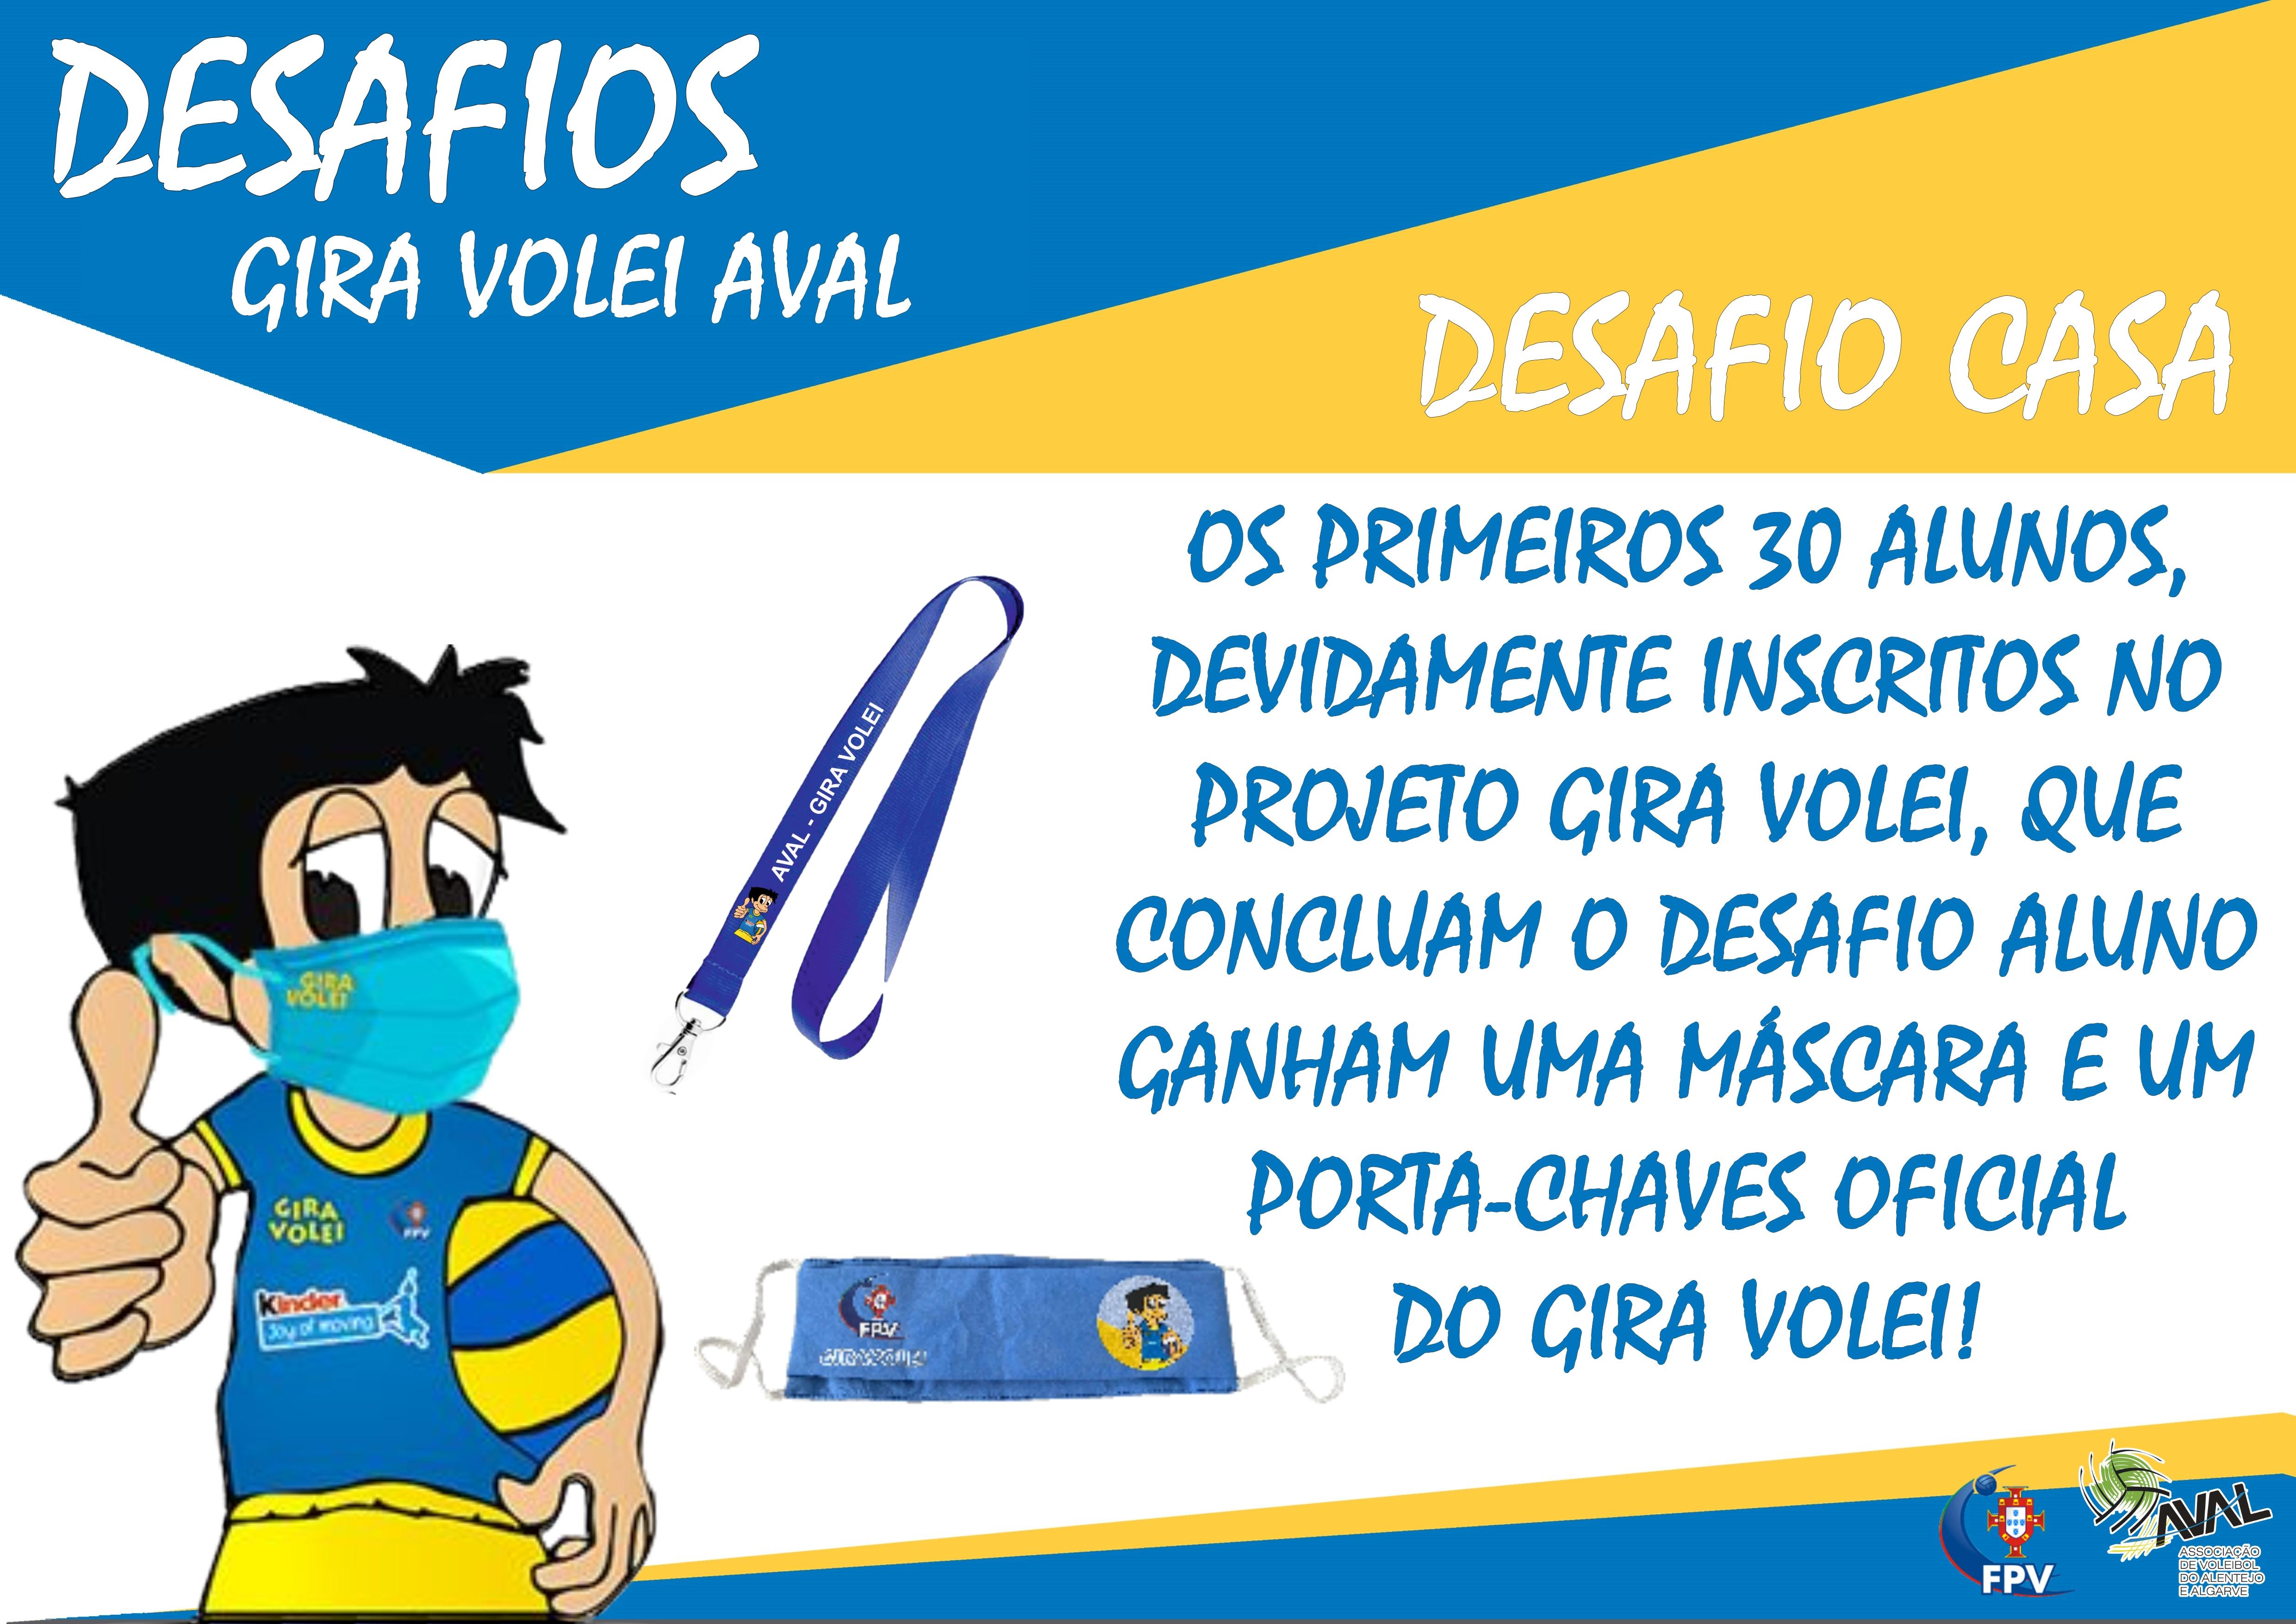 DESAFIOS ALUNO CASA